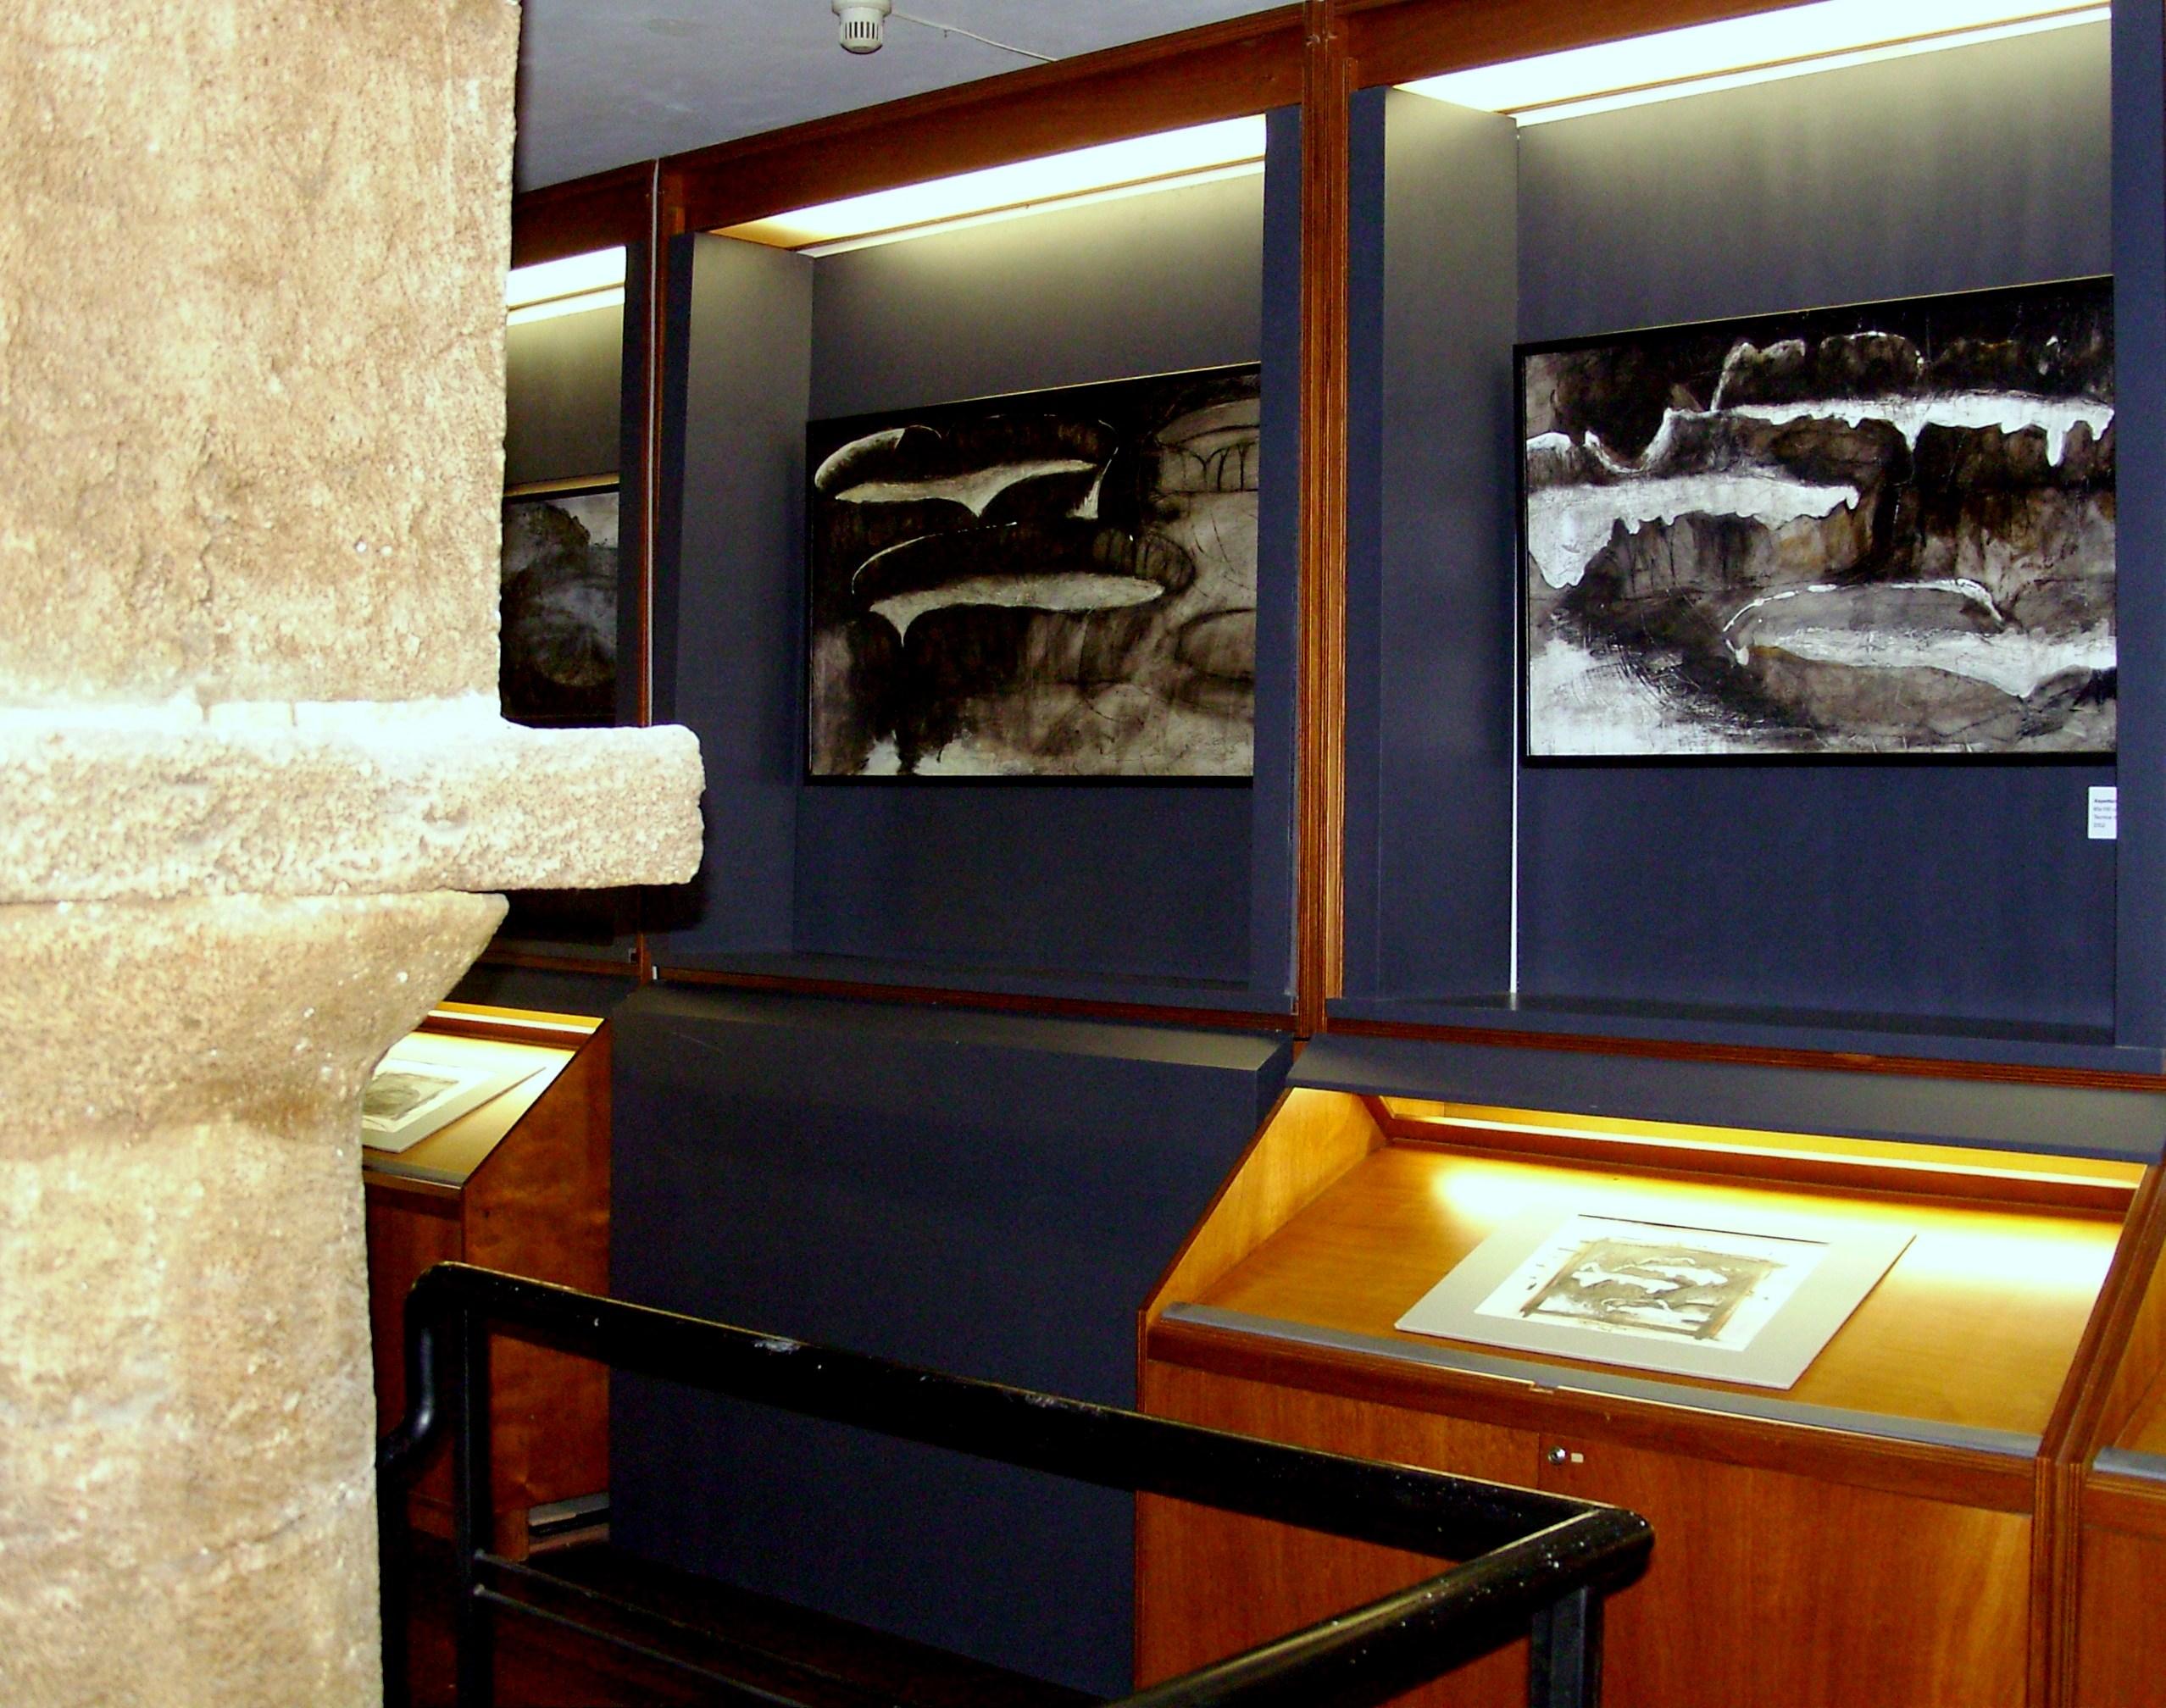 Mostra Orto botanico, Palermo, Sala Giuseppe e Vincenzo Tineo, 2010